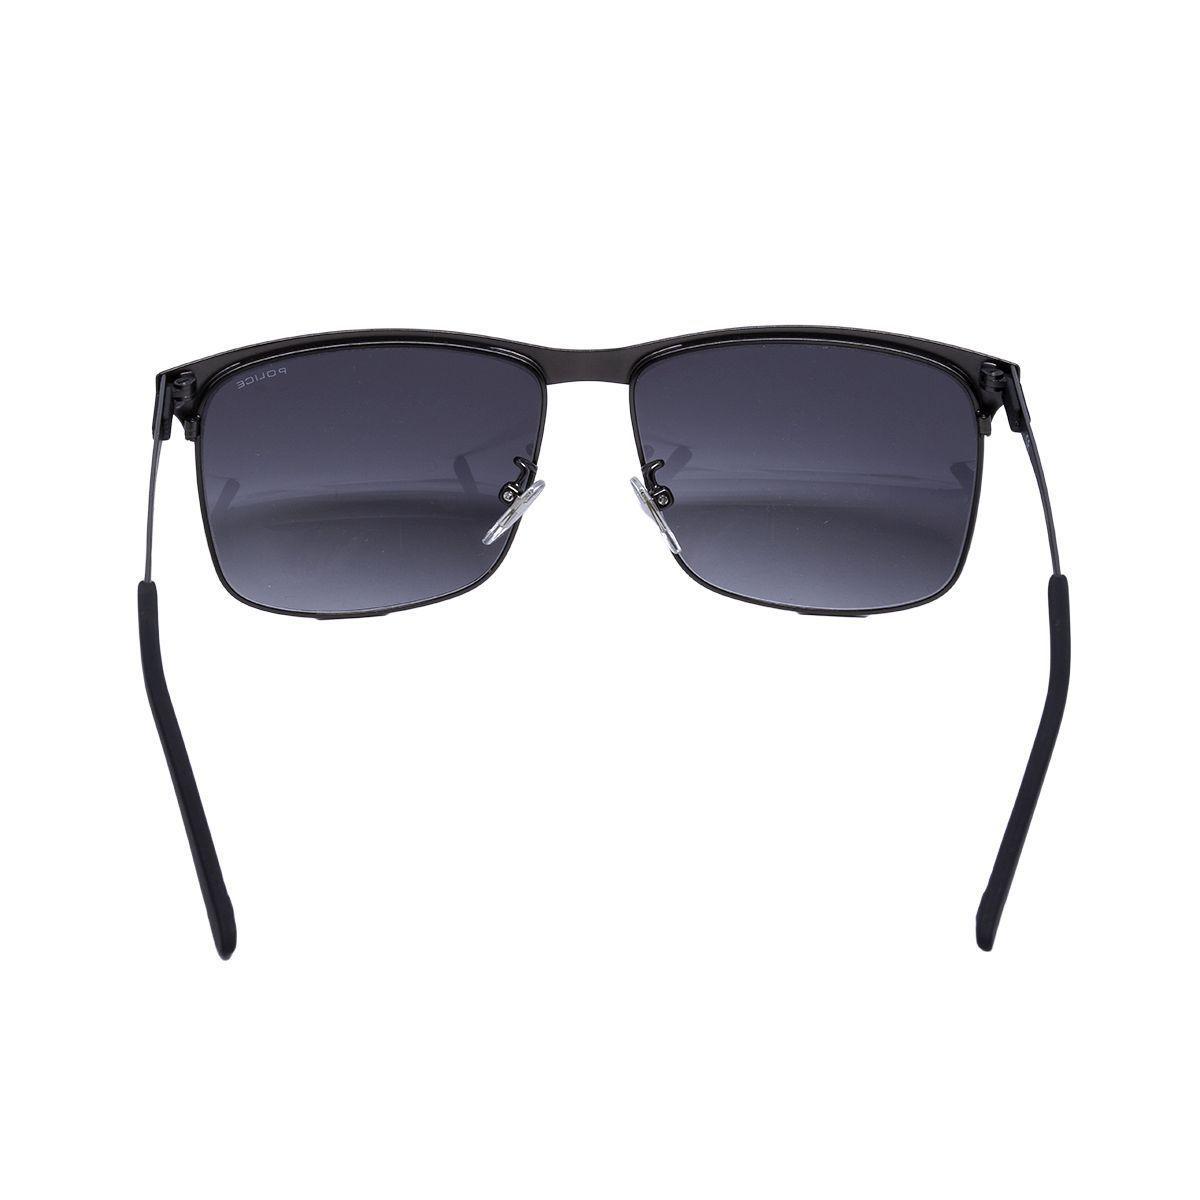 6773232df Óculos de Sol Police Masculino SPL570N COL0627 - Metal Preto, Lente Cinza  Degradê Produto não disponível